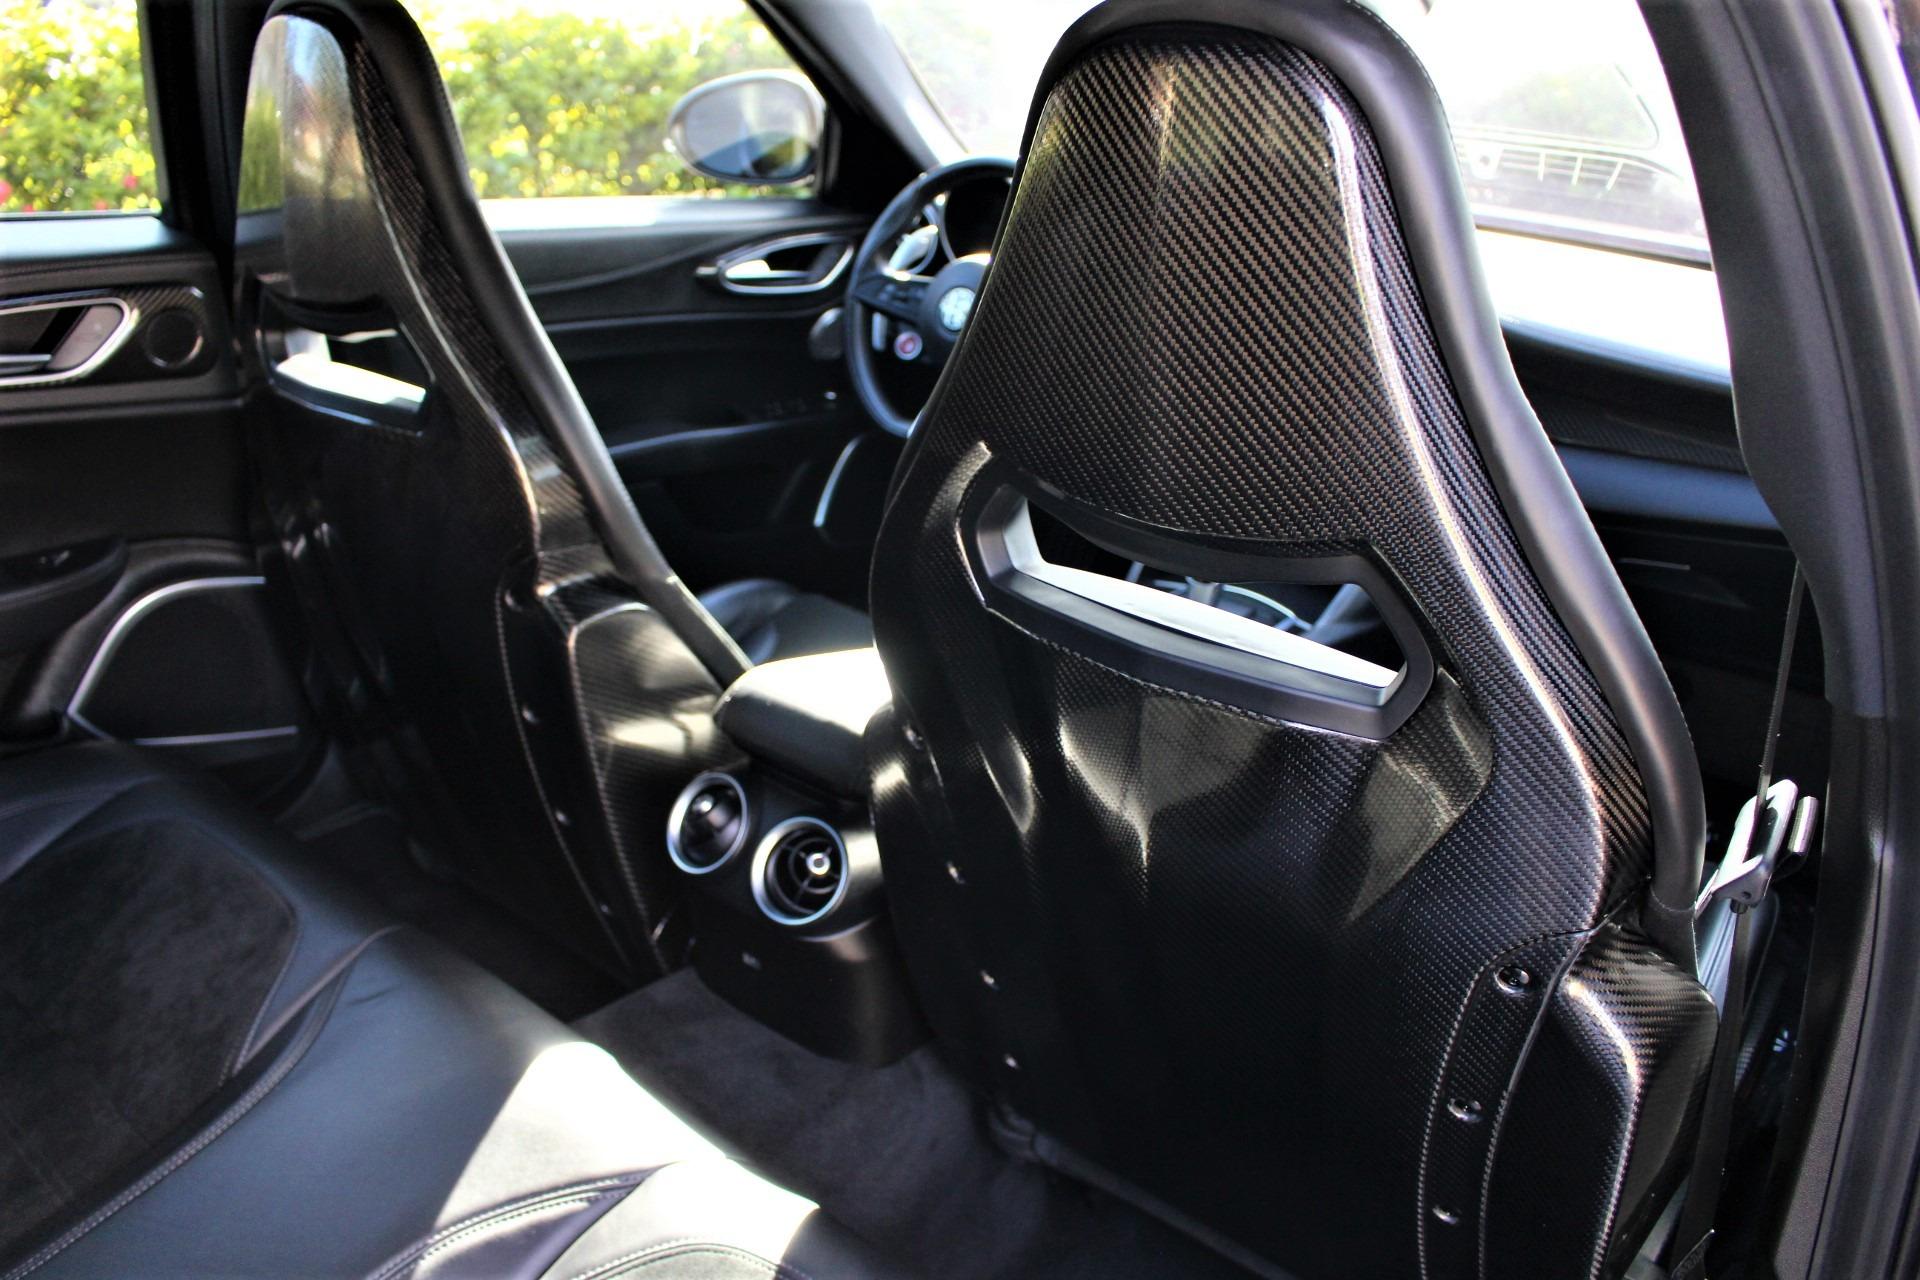 Used 2017 Alfa Romeo Giulia Quadrifoglio for sale Sold at The Gables Sports Cars in Miami FL 33146 3